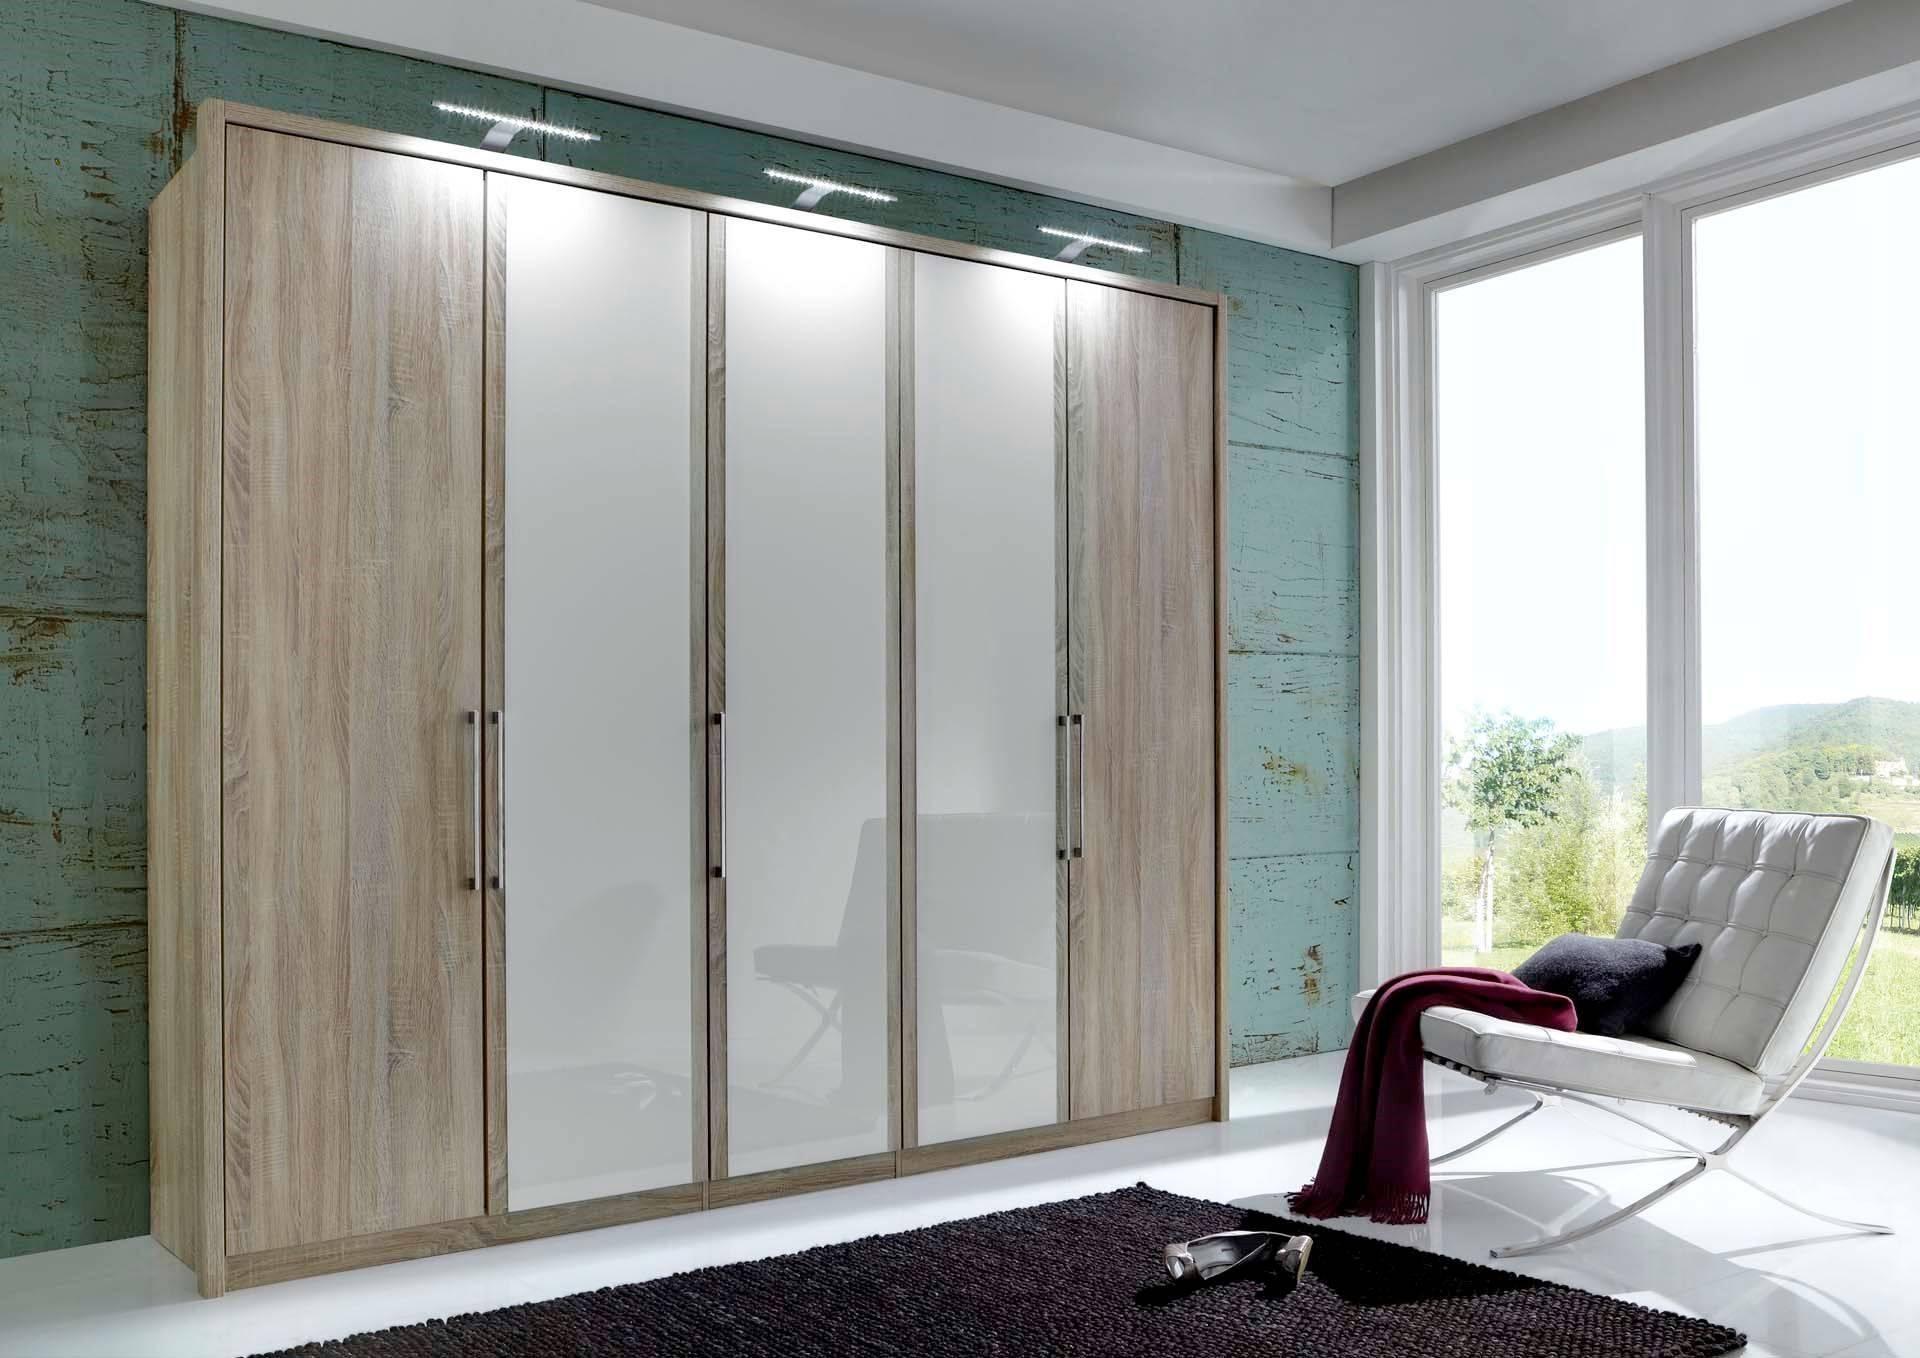 Linea Design. Wiemann Berlin 6 Door 300Cm Wardrobe for 6 Doors Wardrobes (Image 10 of 15)